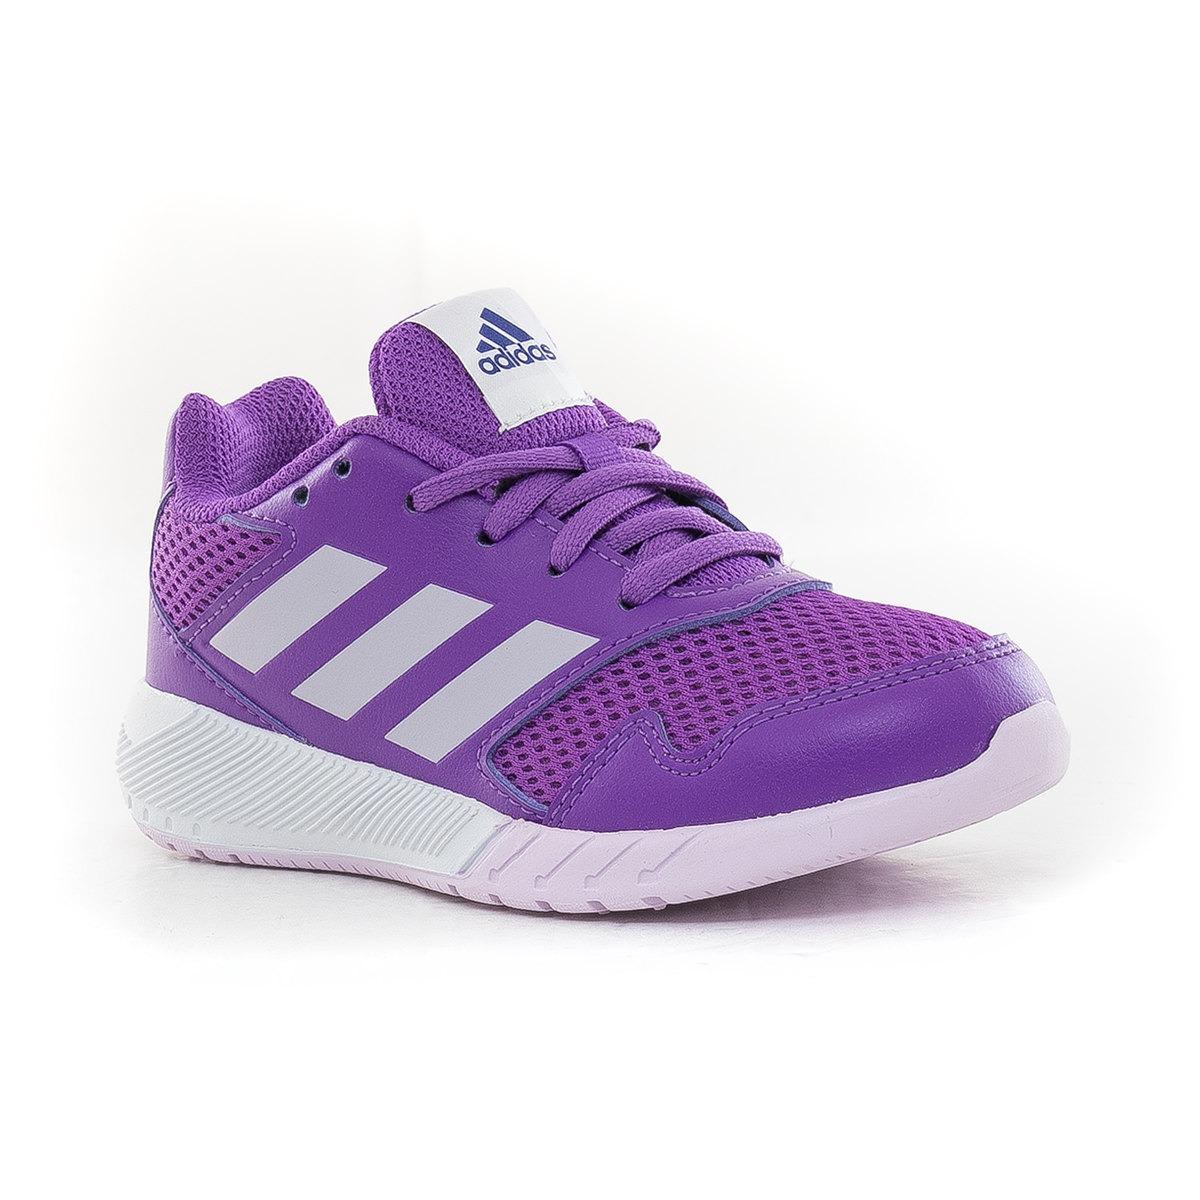 a4fc5eb7a zapatillas altarun violeta adidas. Cargando zoom.